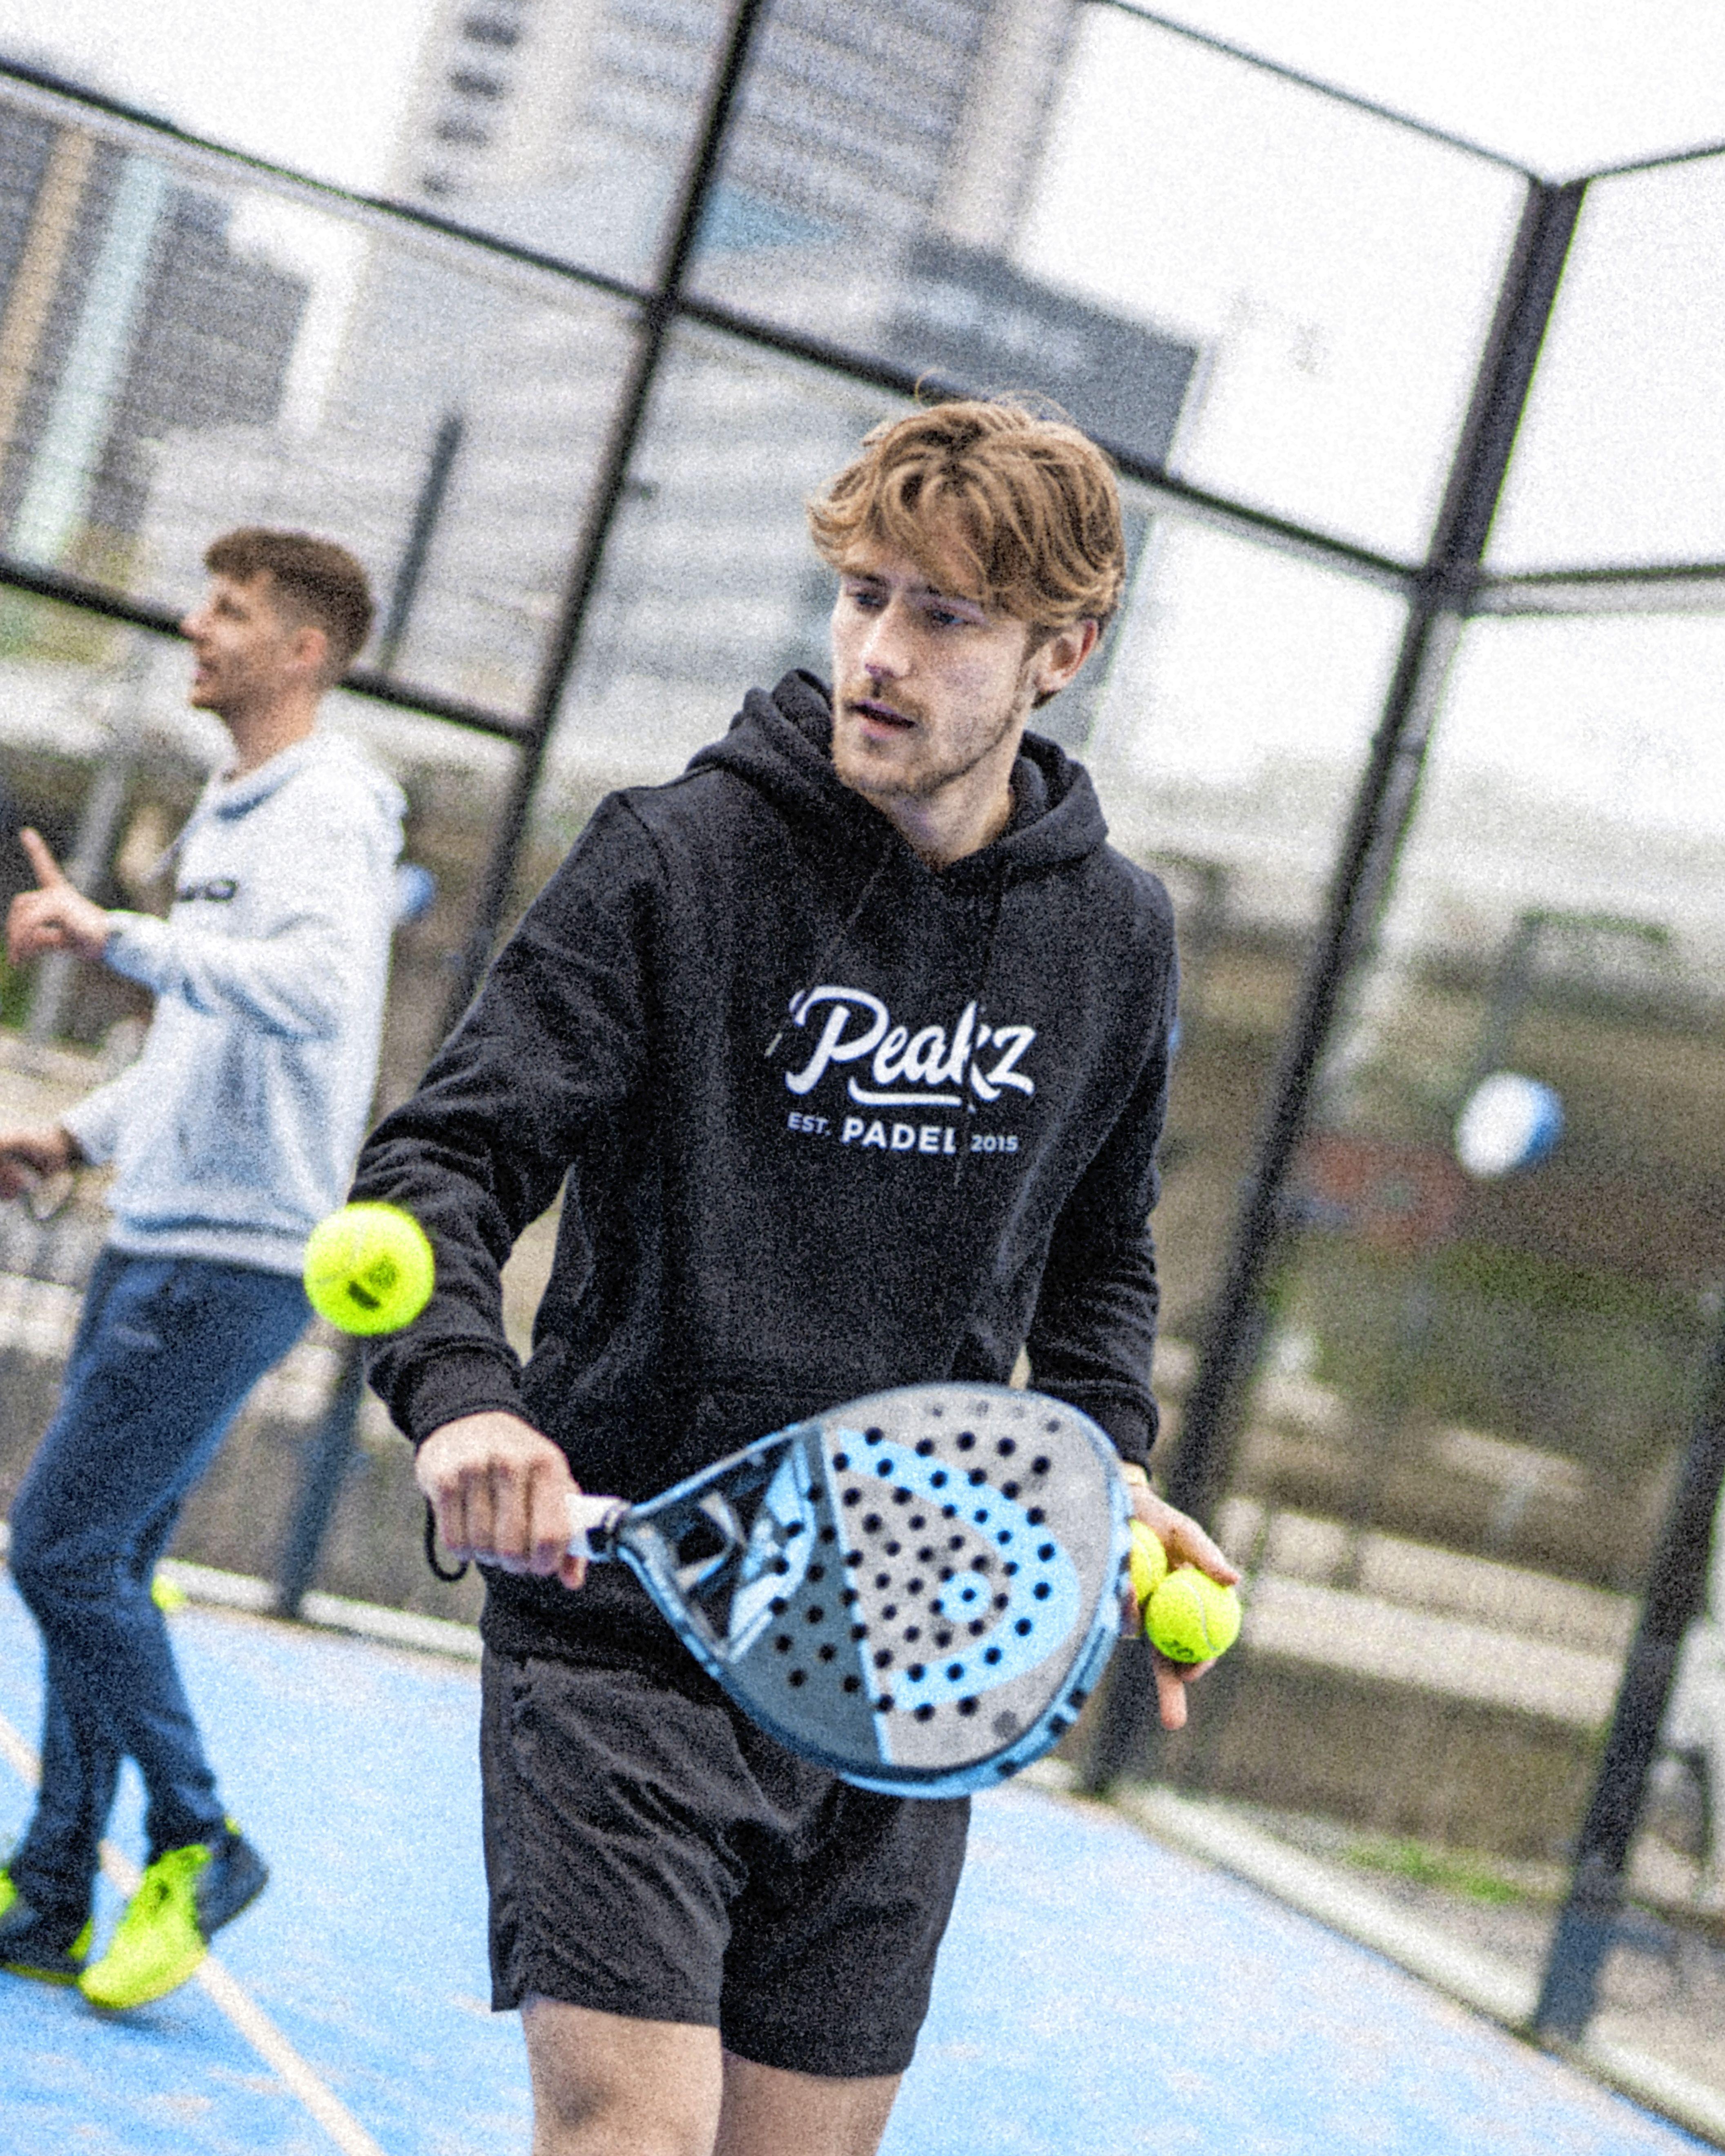 Peakz Padel opent nieuwe vestiging in Waarderpolder. 'We willen alle Haarlemmers de baan op krijgen'